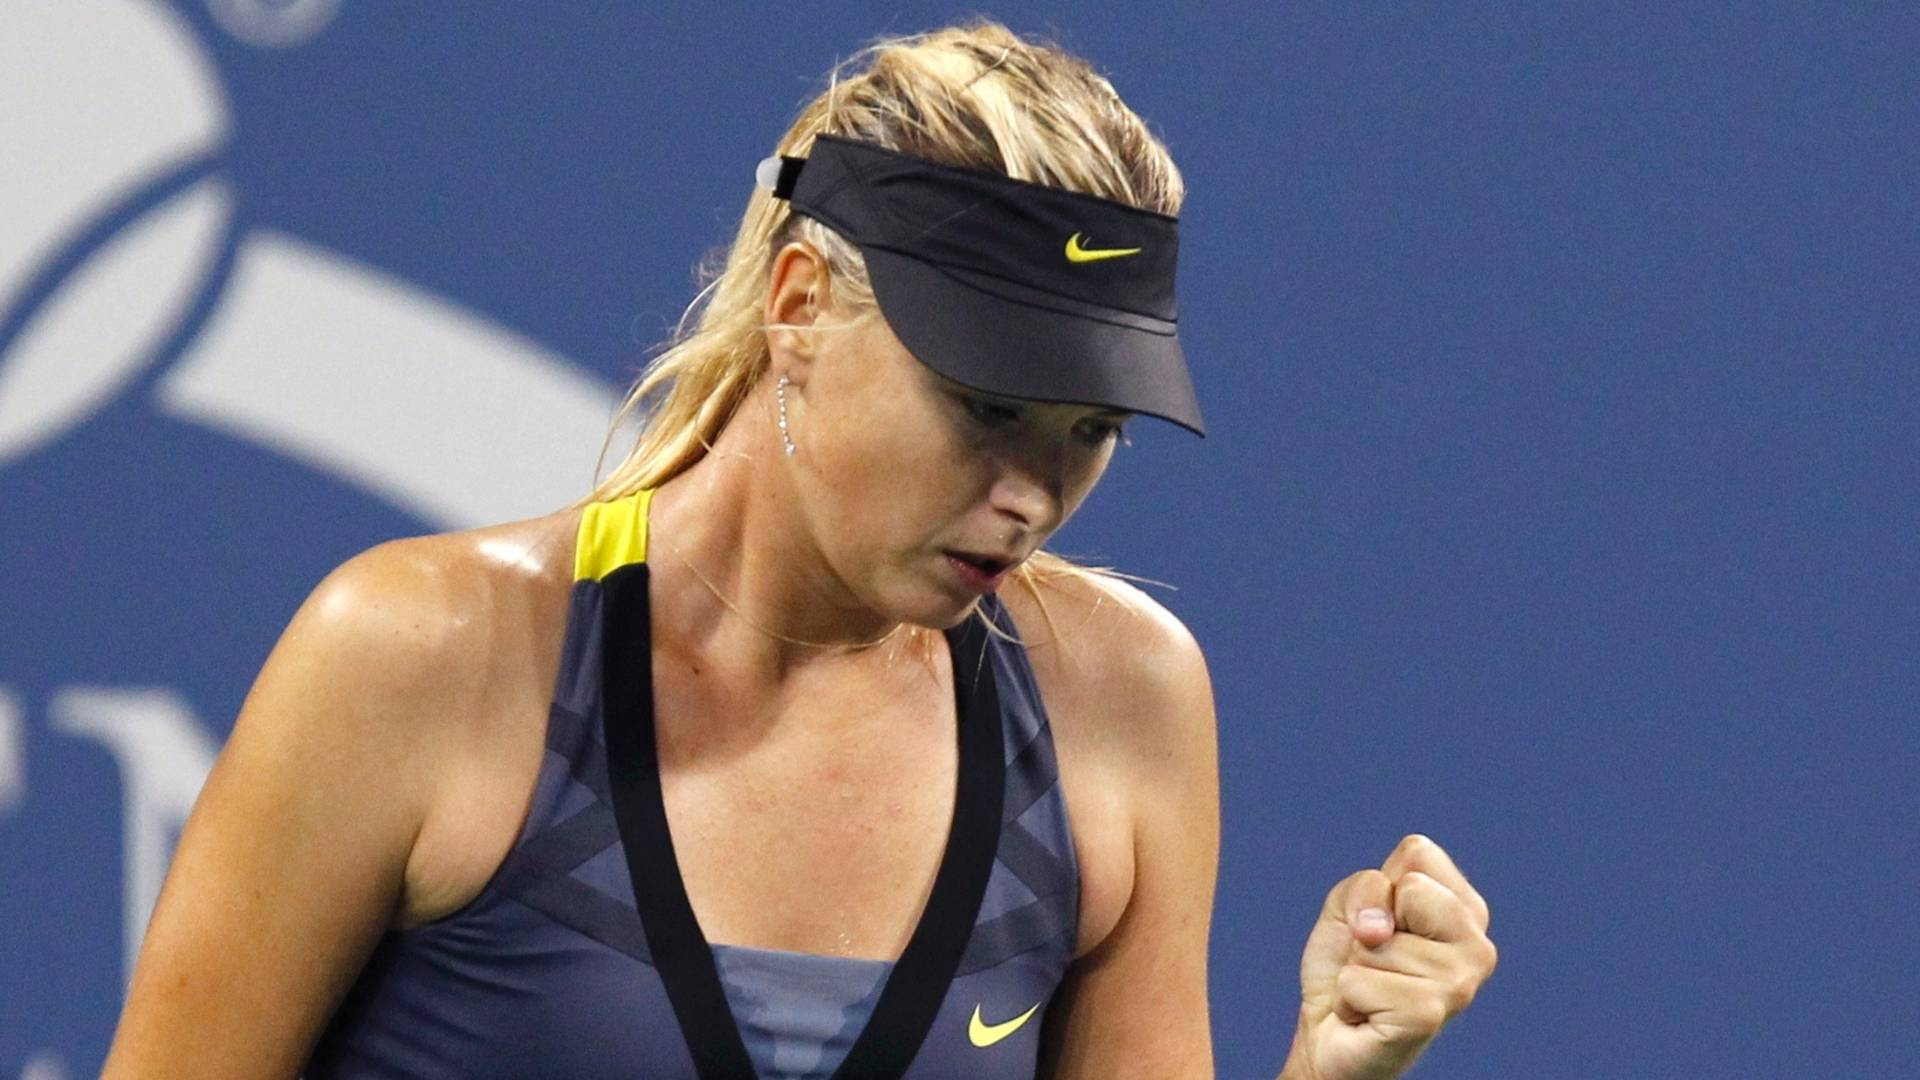 Maria Sharapova comemora atuação perfeita e vitória na segunda rodada do US Open (31/08/2011)